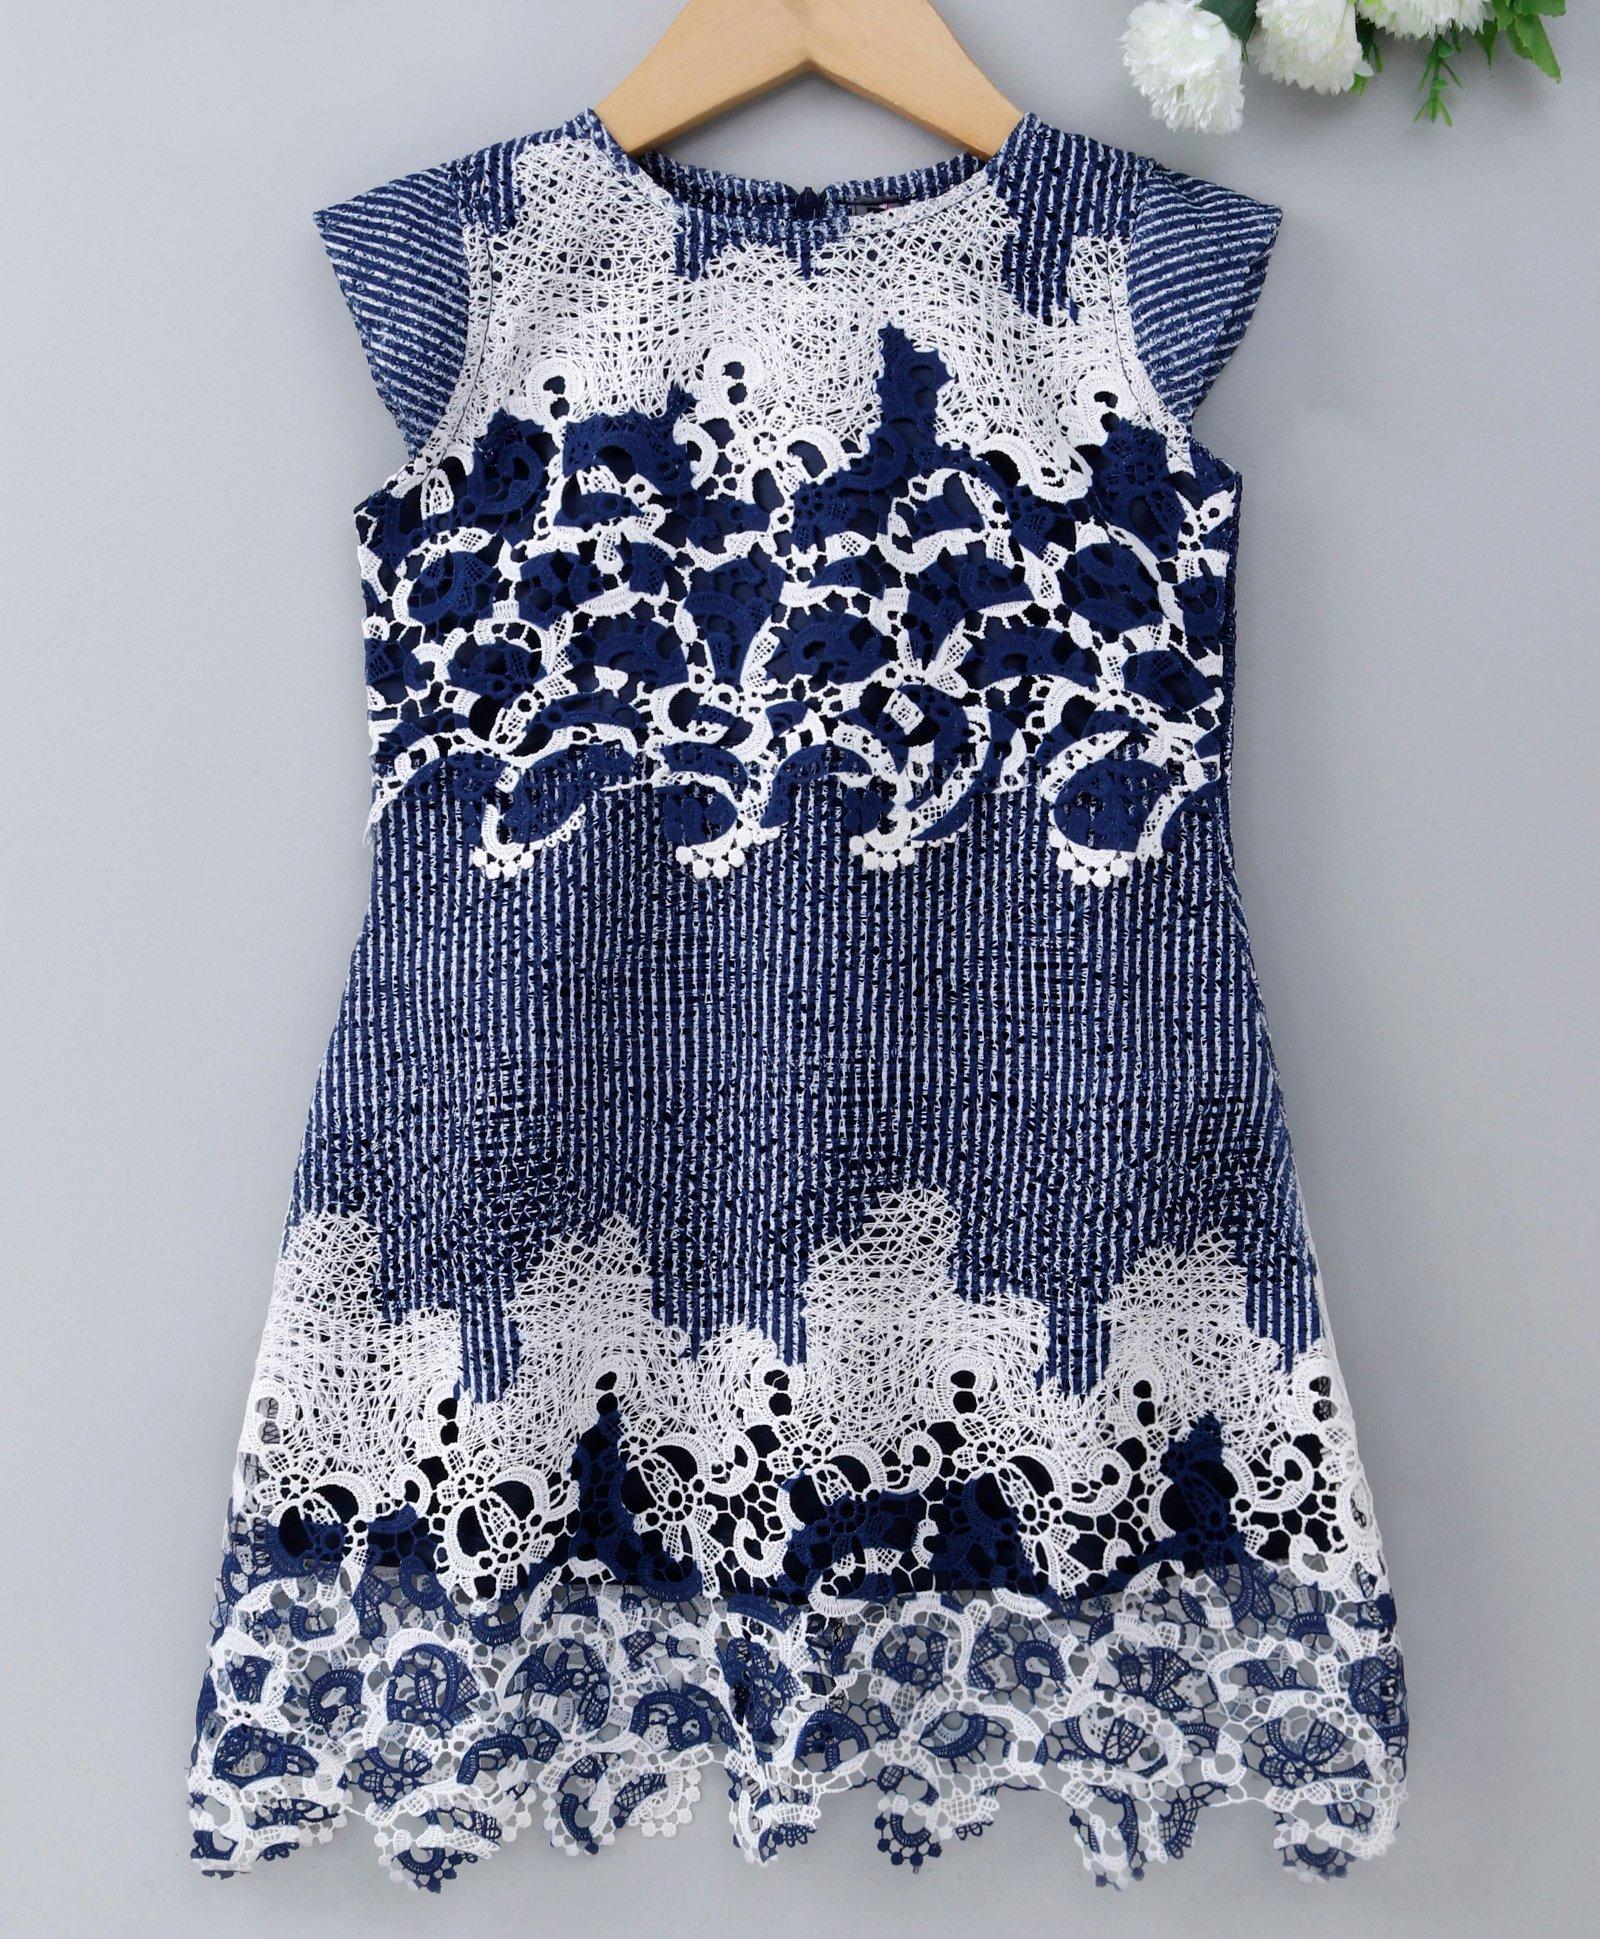 Crochet Dresses For Baby Girl Online